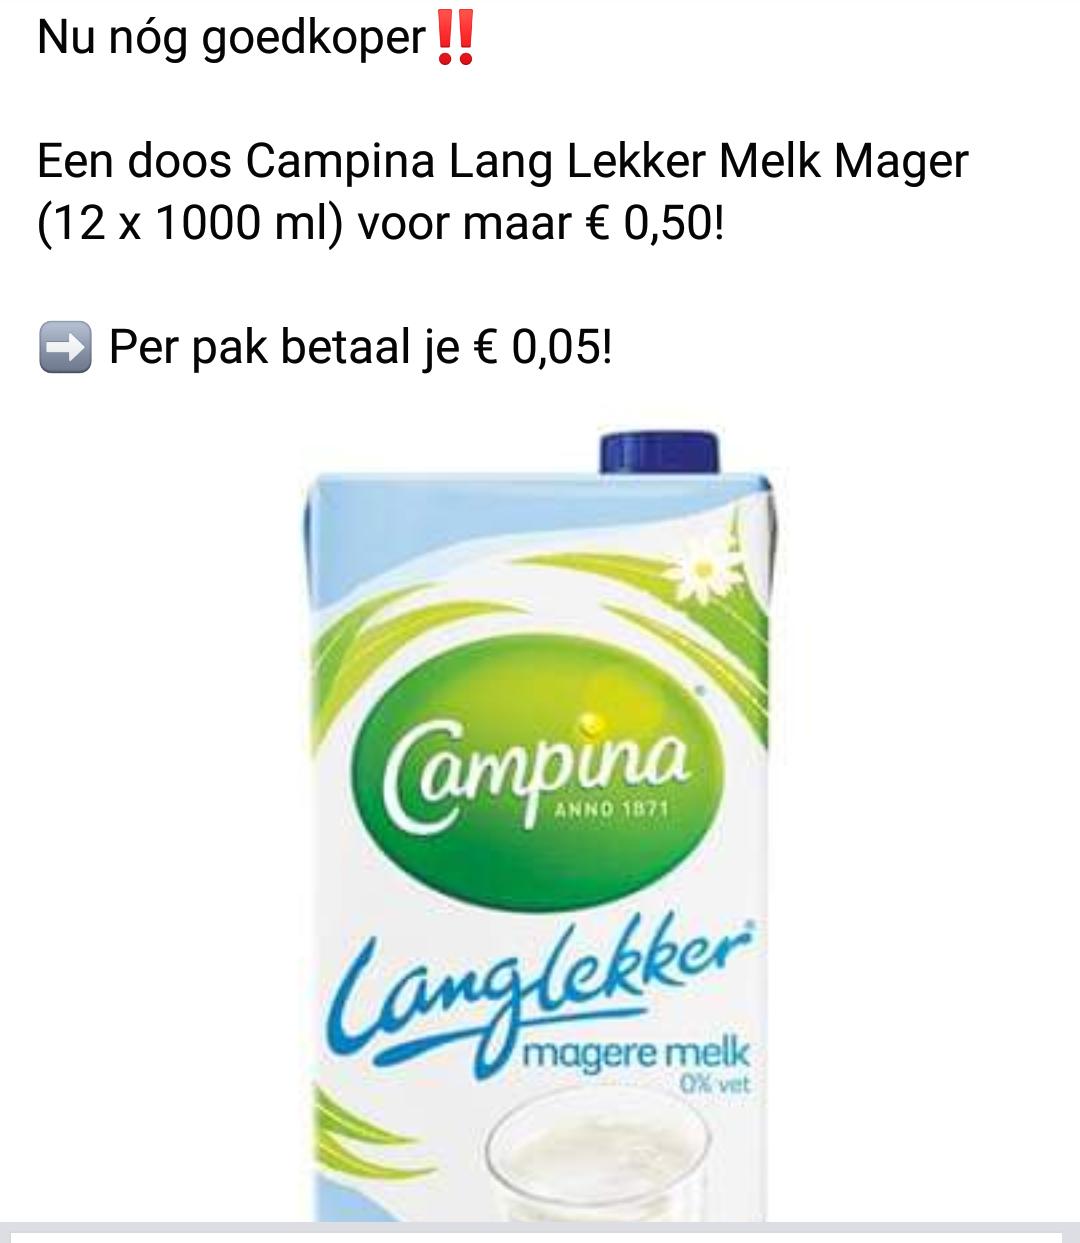 12 literpakken Campina langlekker mager voor €0,50 bij Budgetfood